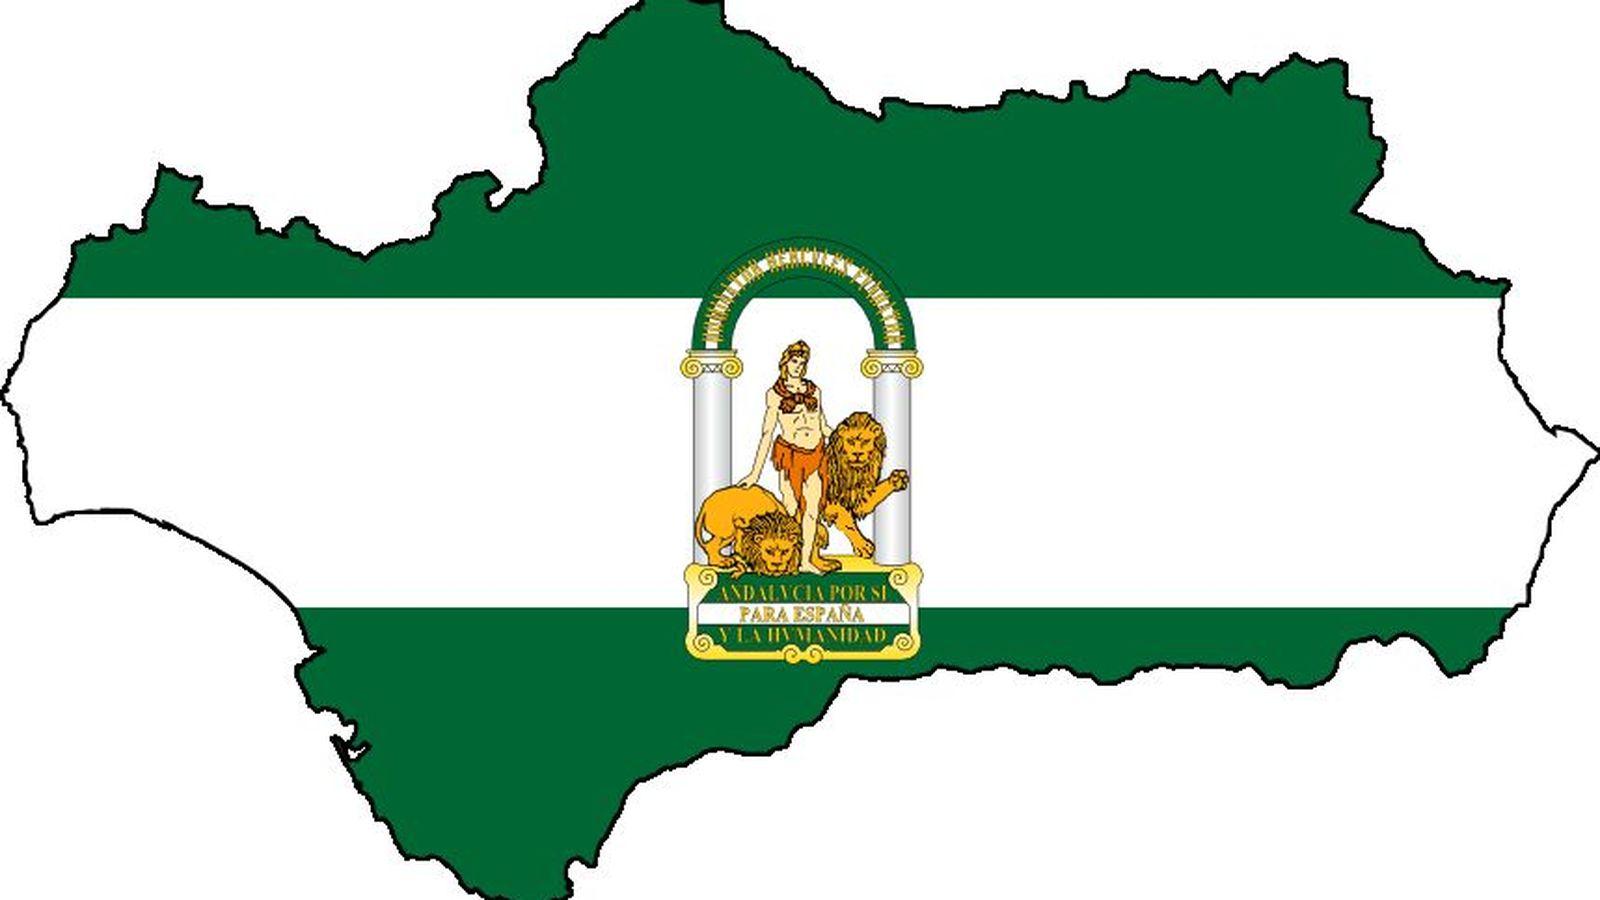 Foto: Bandera de Andalucía superpuesta sobre el contorno de la Comunidad Autónoma (CC)